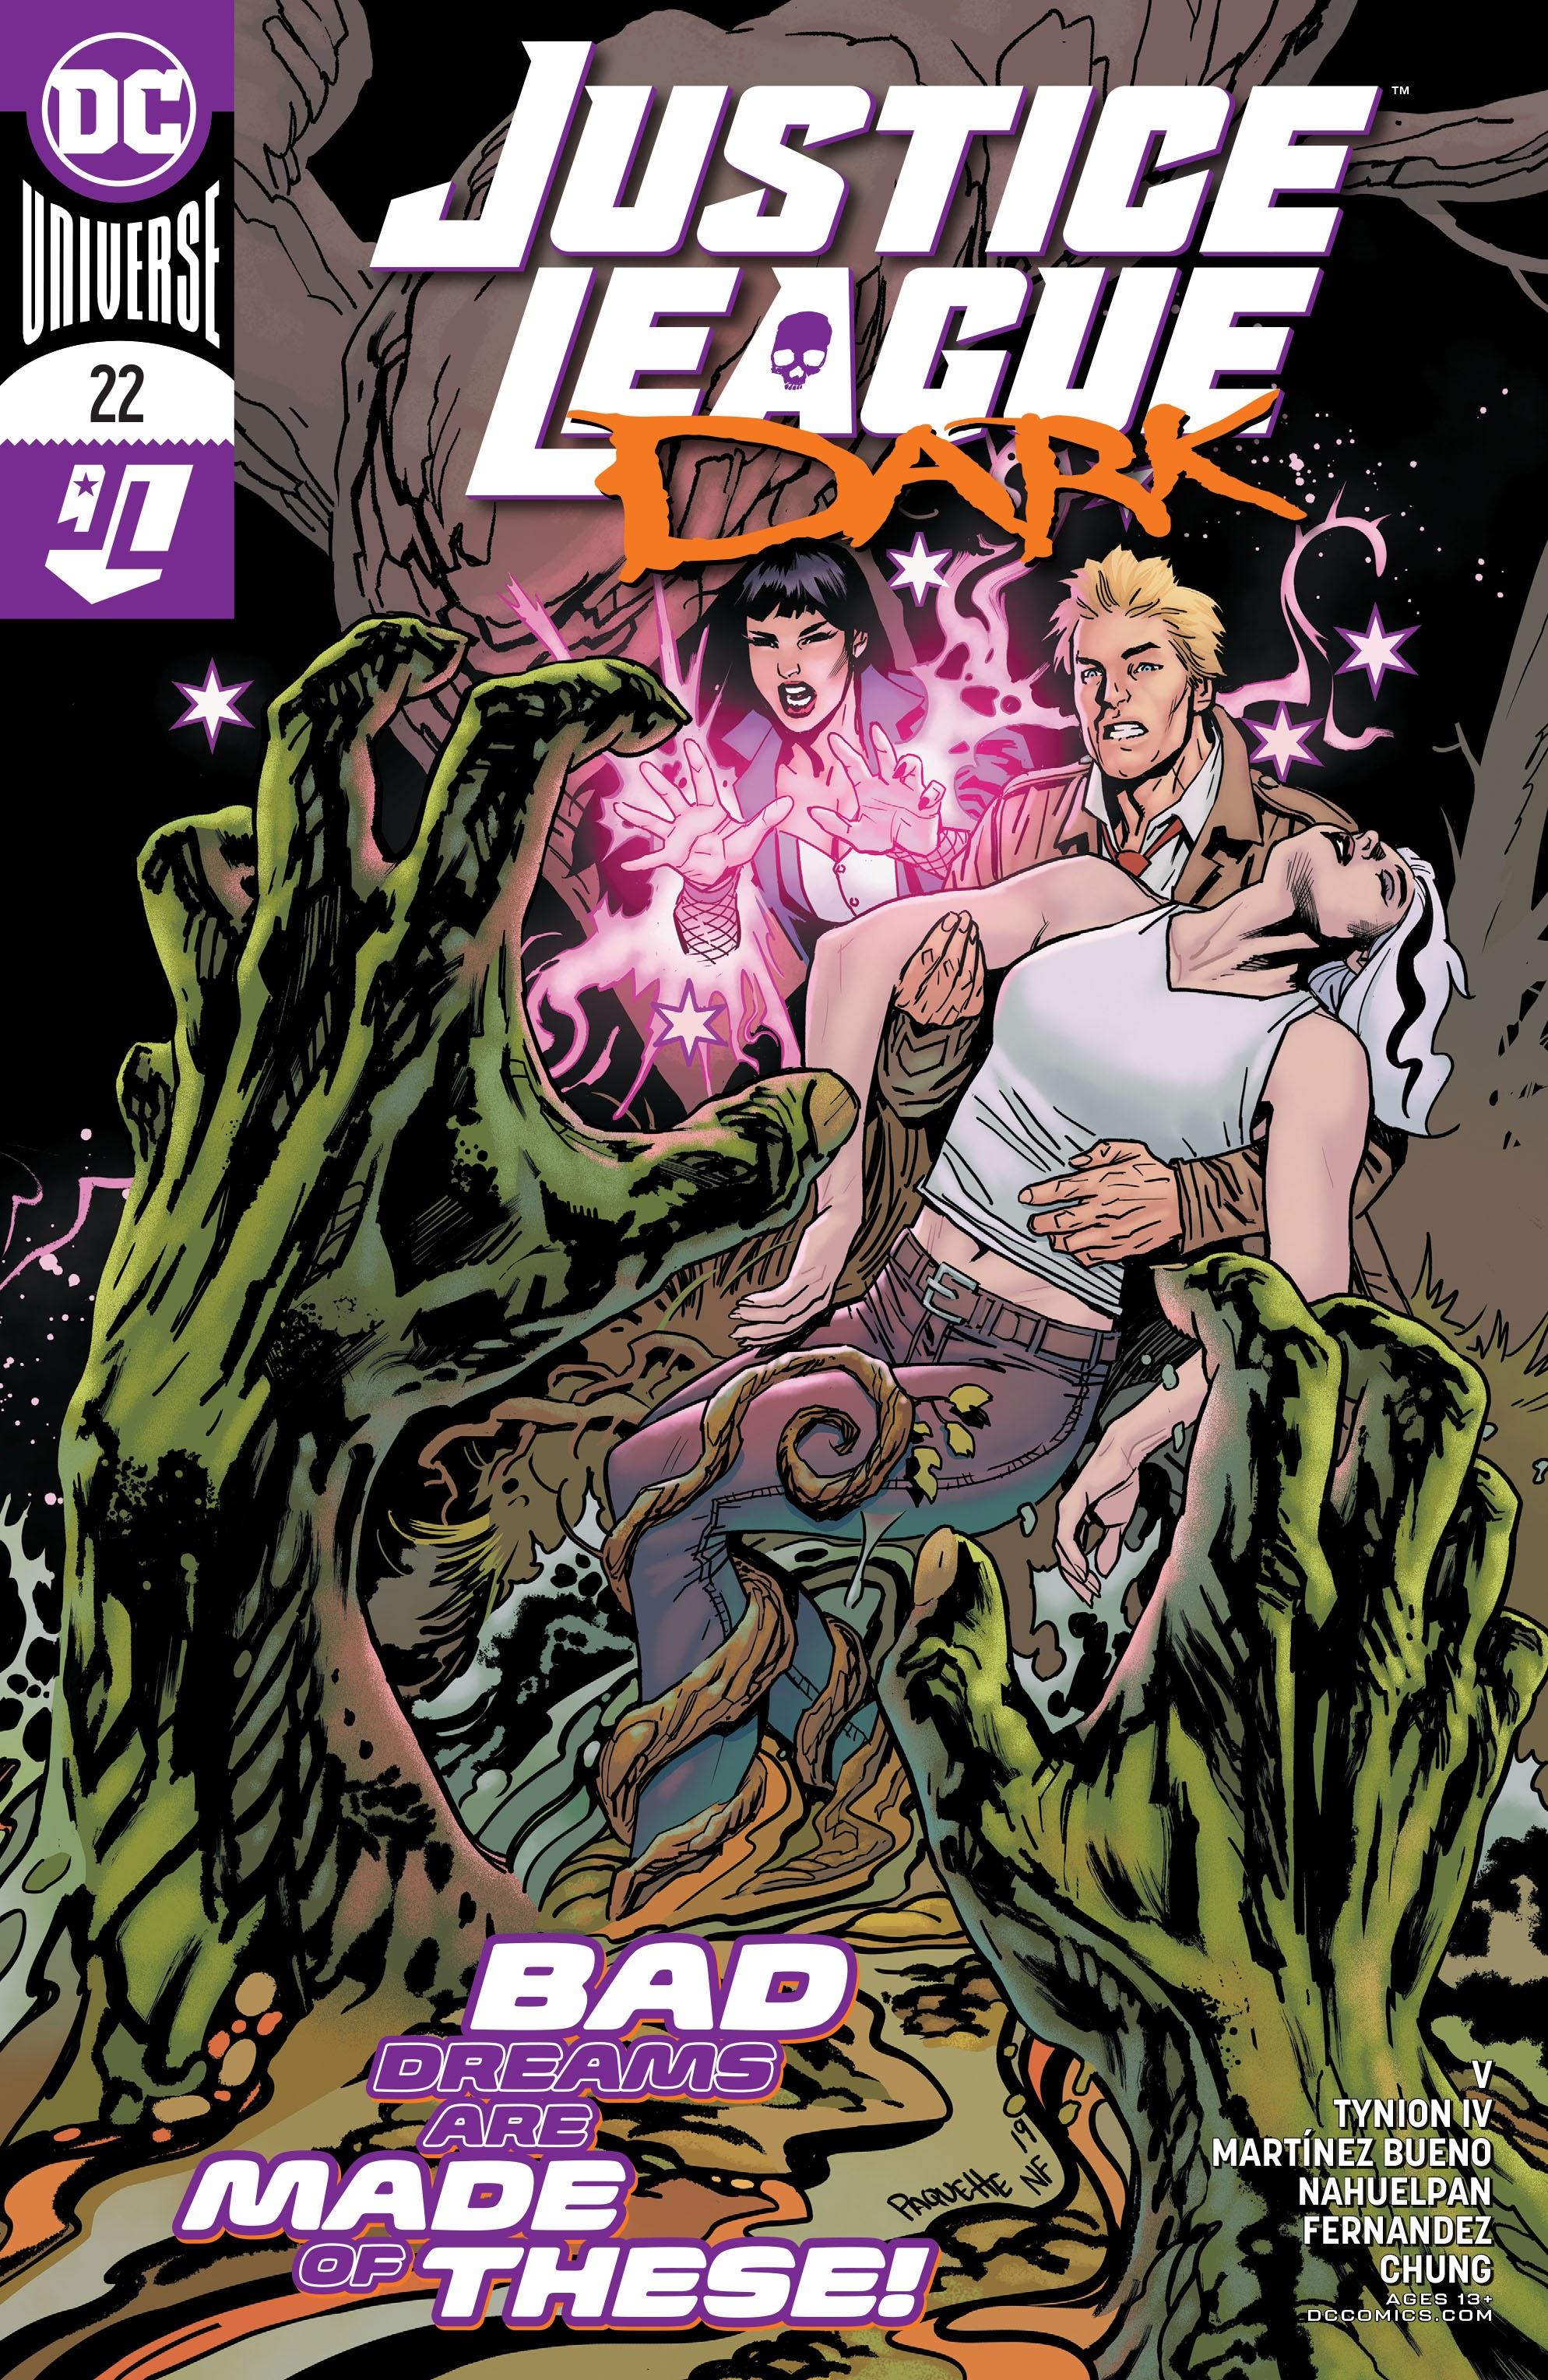 Justice League Dark (2018) 22 Page 1